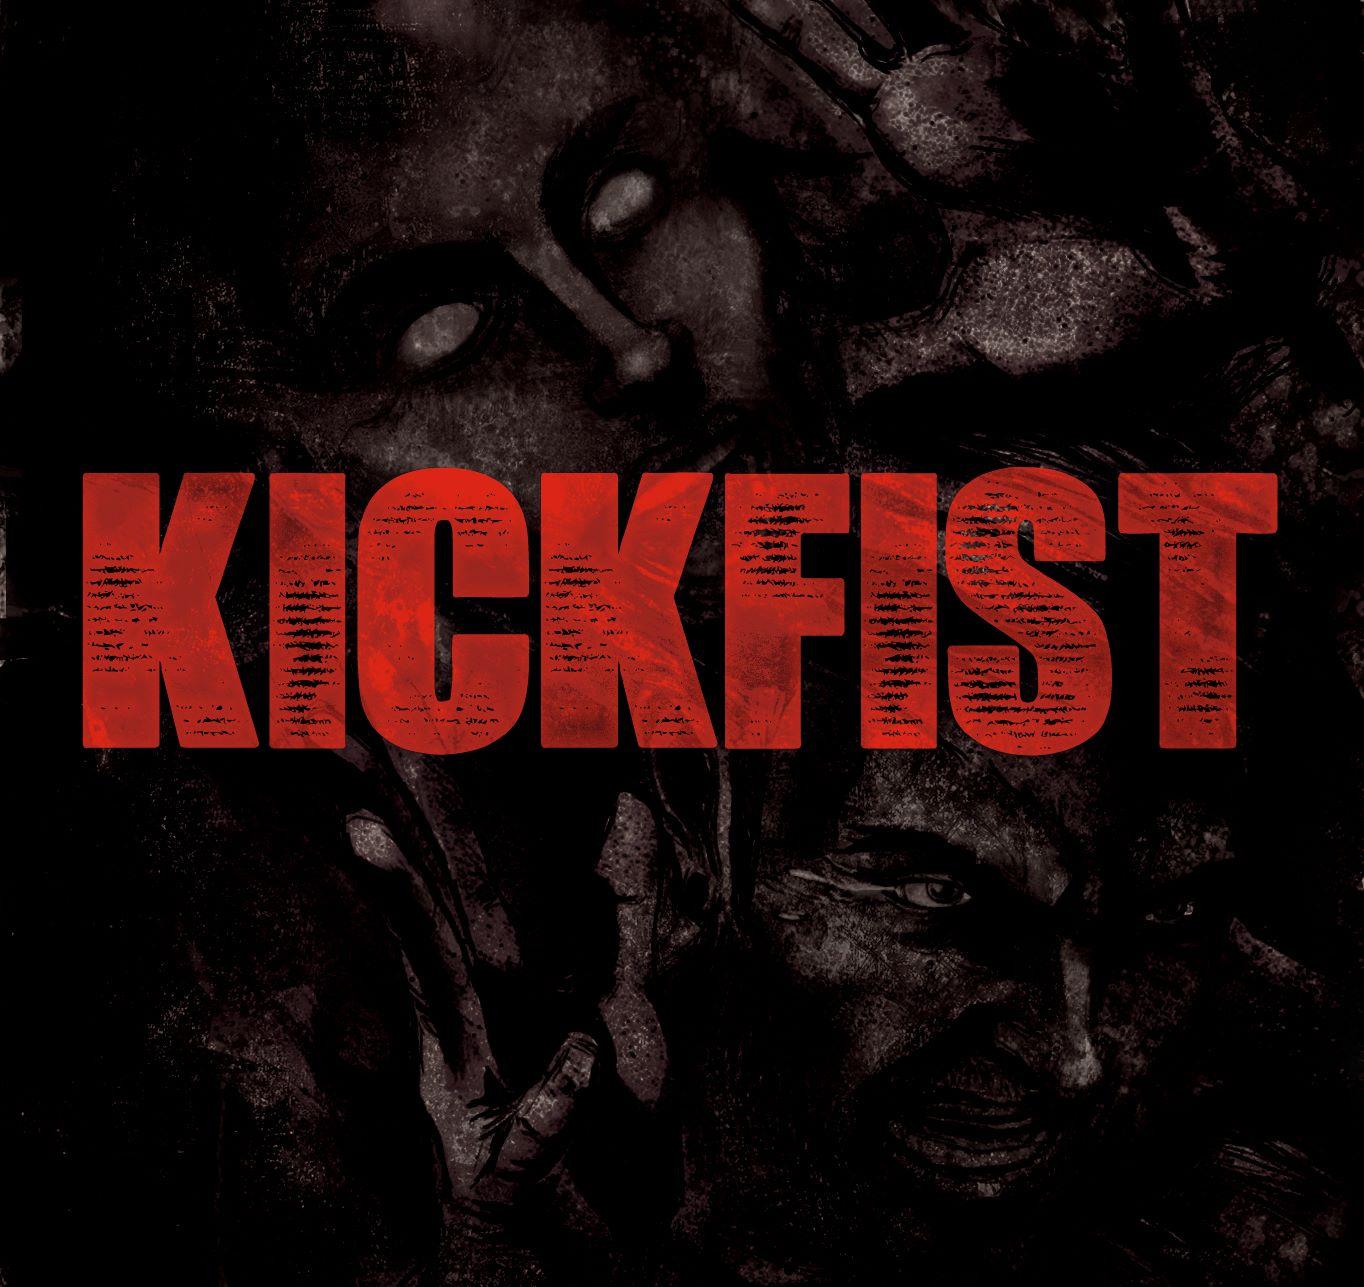 Kickfist 3